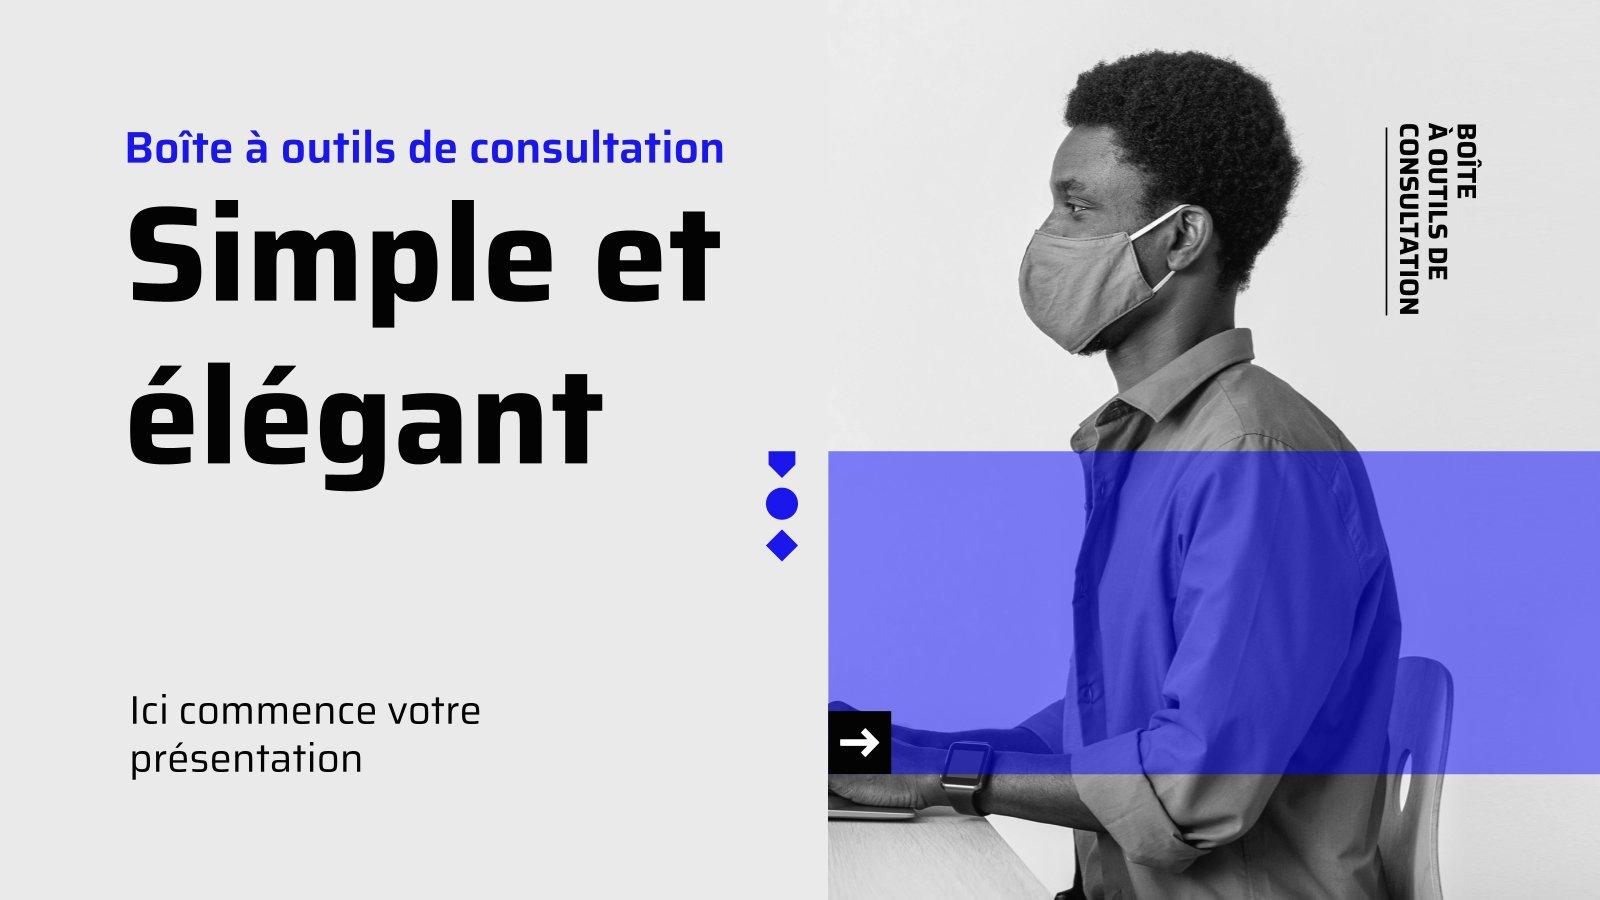 Simple et élégant - Boîte à outils de consultation : Modèles de présentation